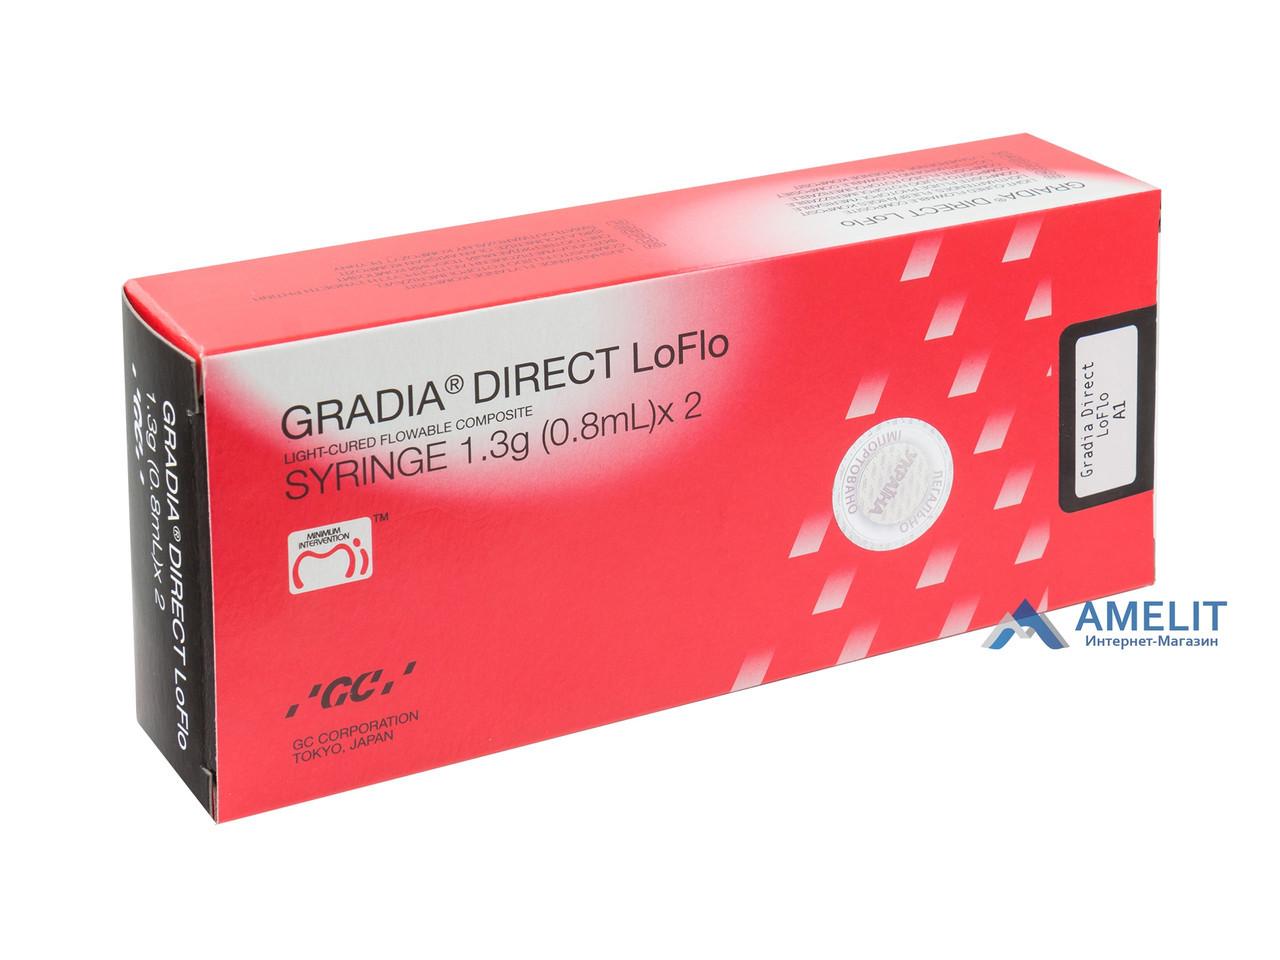 Градиа Дайрект ЛоФлоу А2 (Gradia Direct Lo Flo, GC), шприц 1,3г